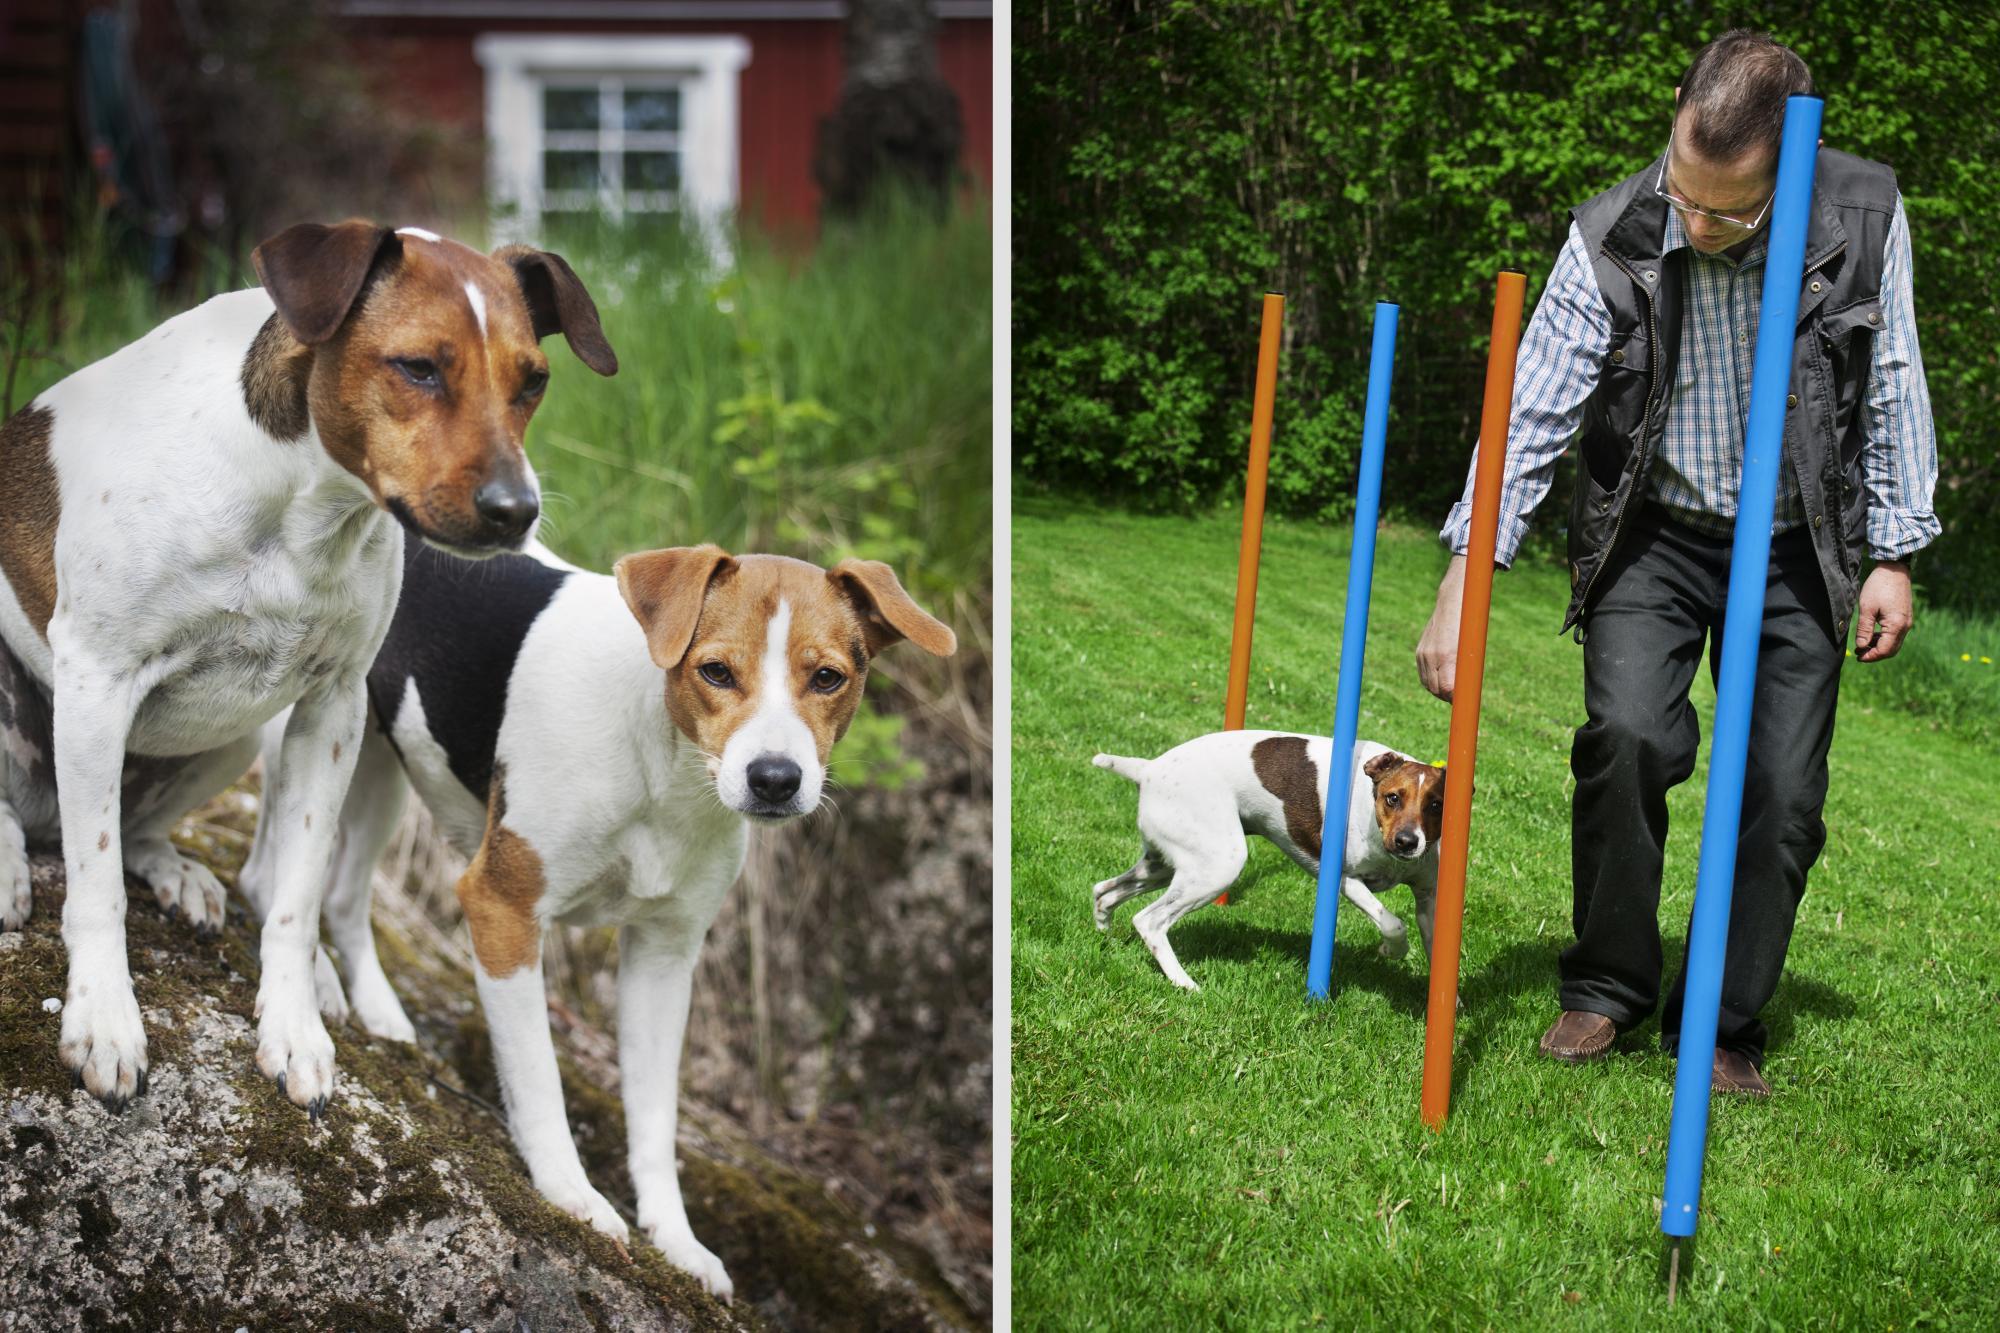 Idag har vi ett stort utbud med roliga saker att göra tillsammans med sin hund, tycker Per Jensen.